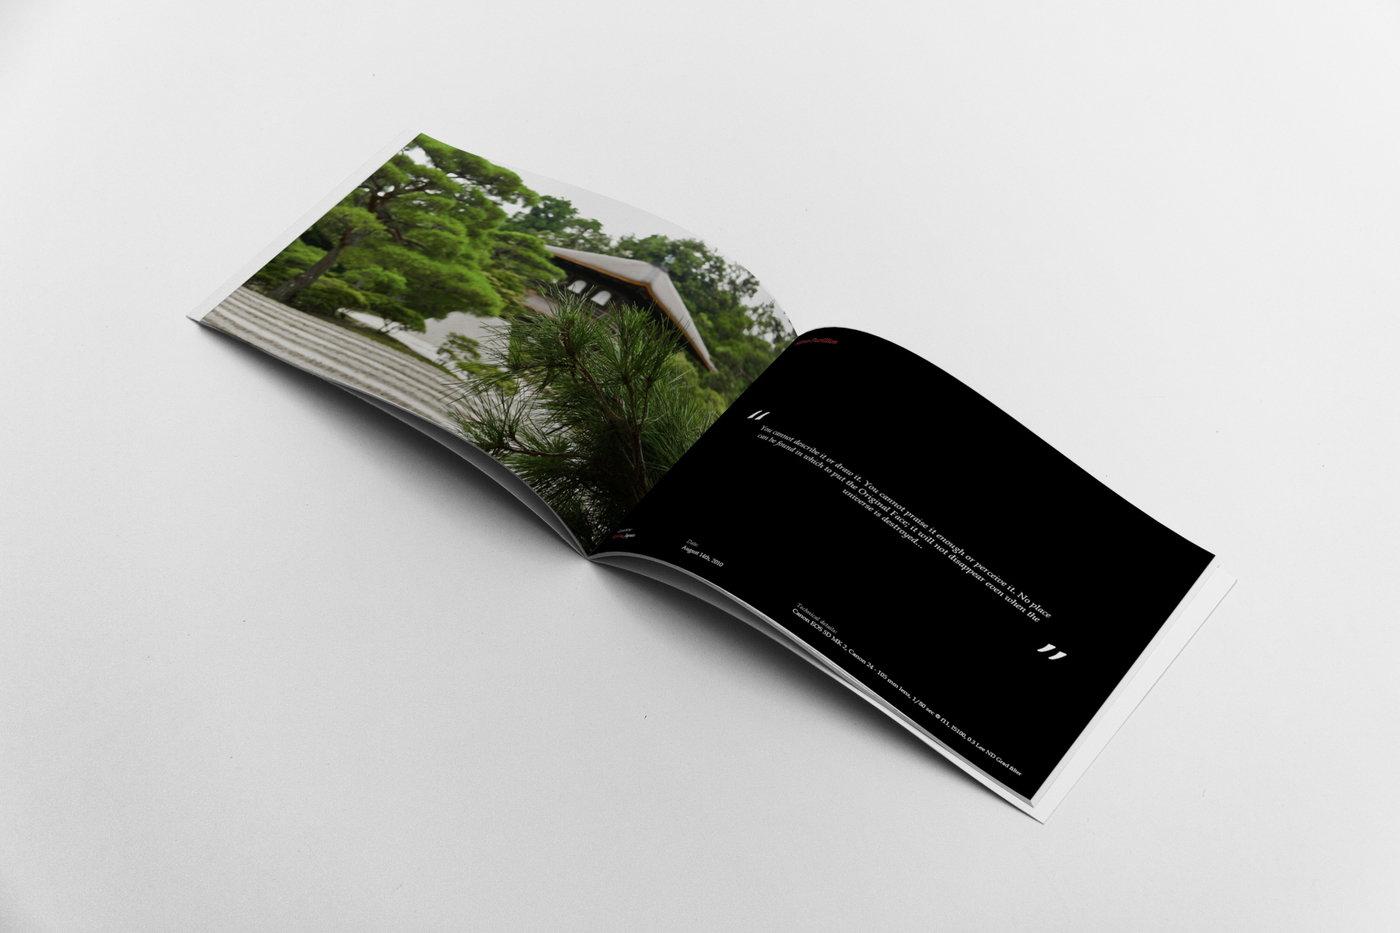 Photography Portfolio Template by Andrea Balzano at Coroflot com